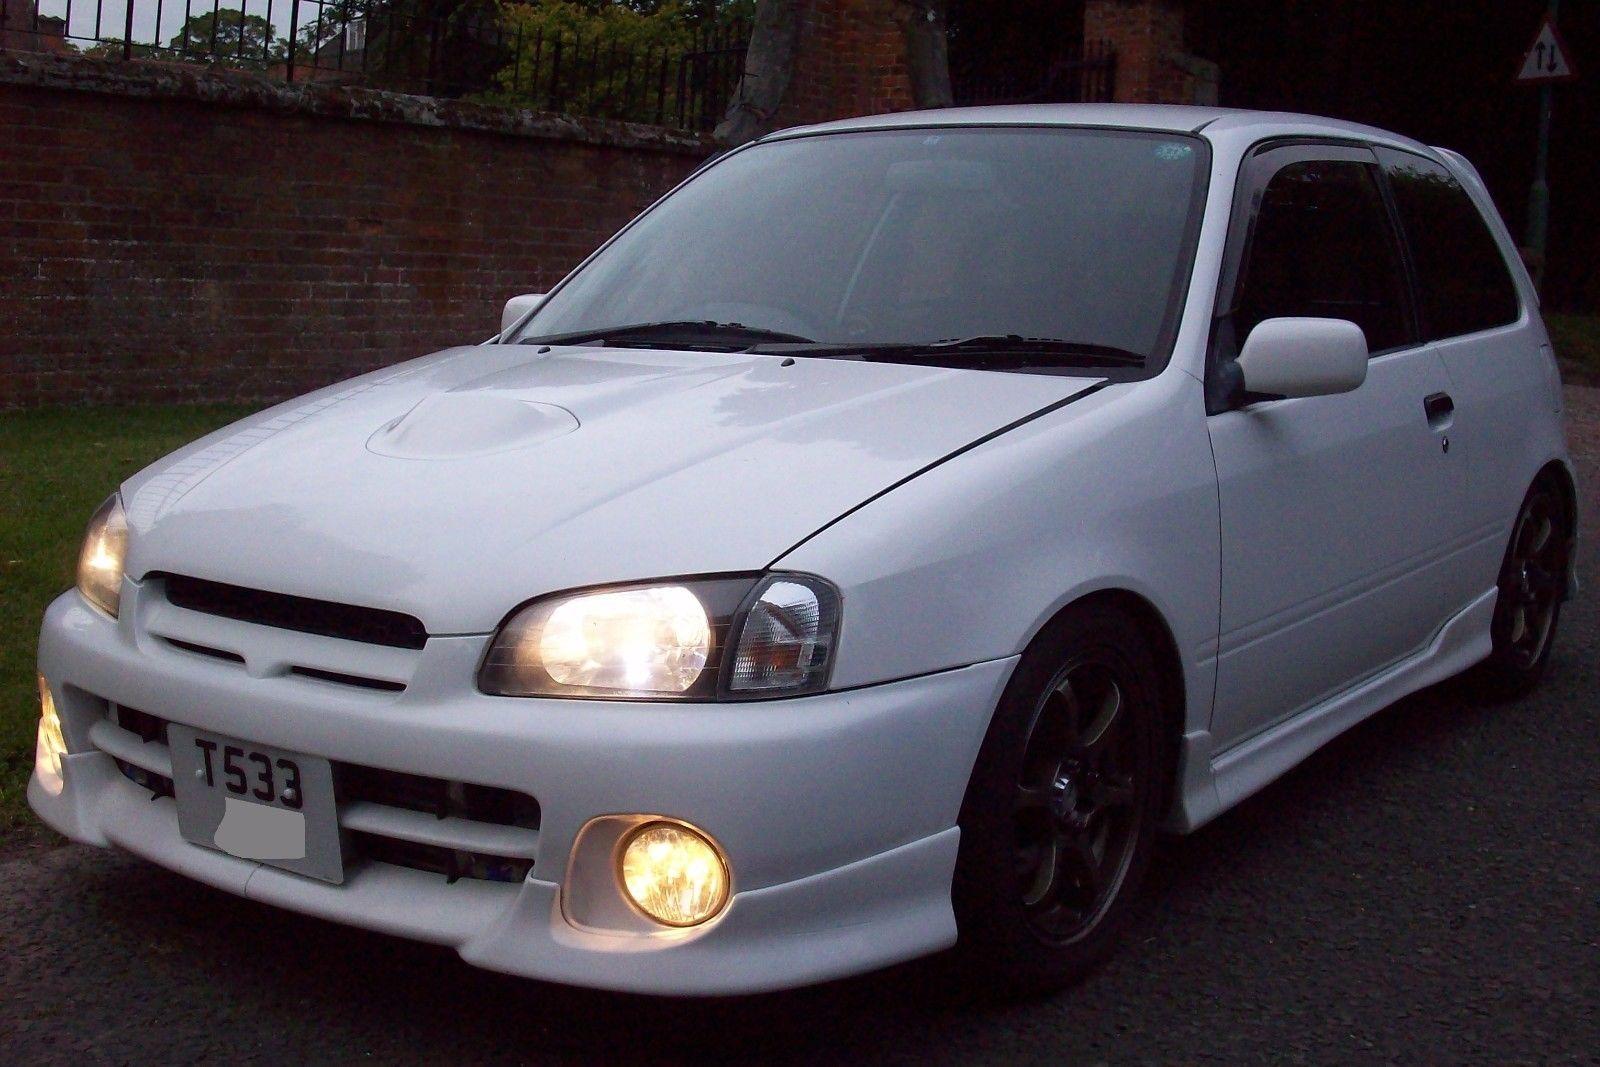 Kelebihan Kekurangan Toyota Starlet 1999 Perbandingan Harga